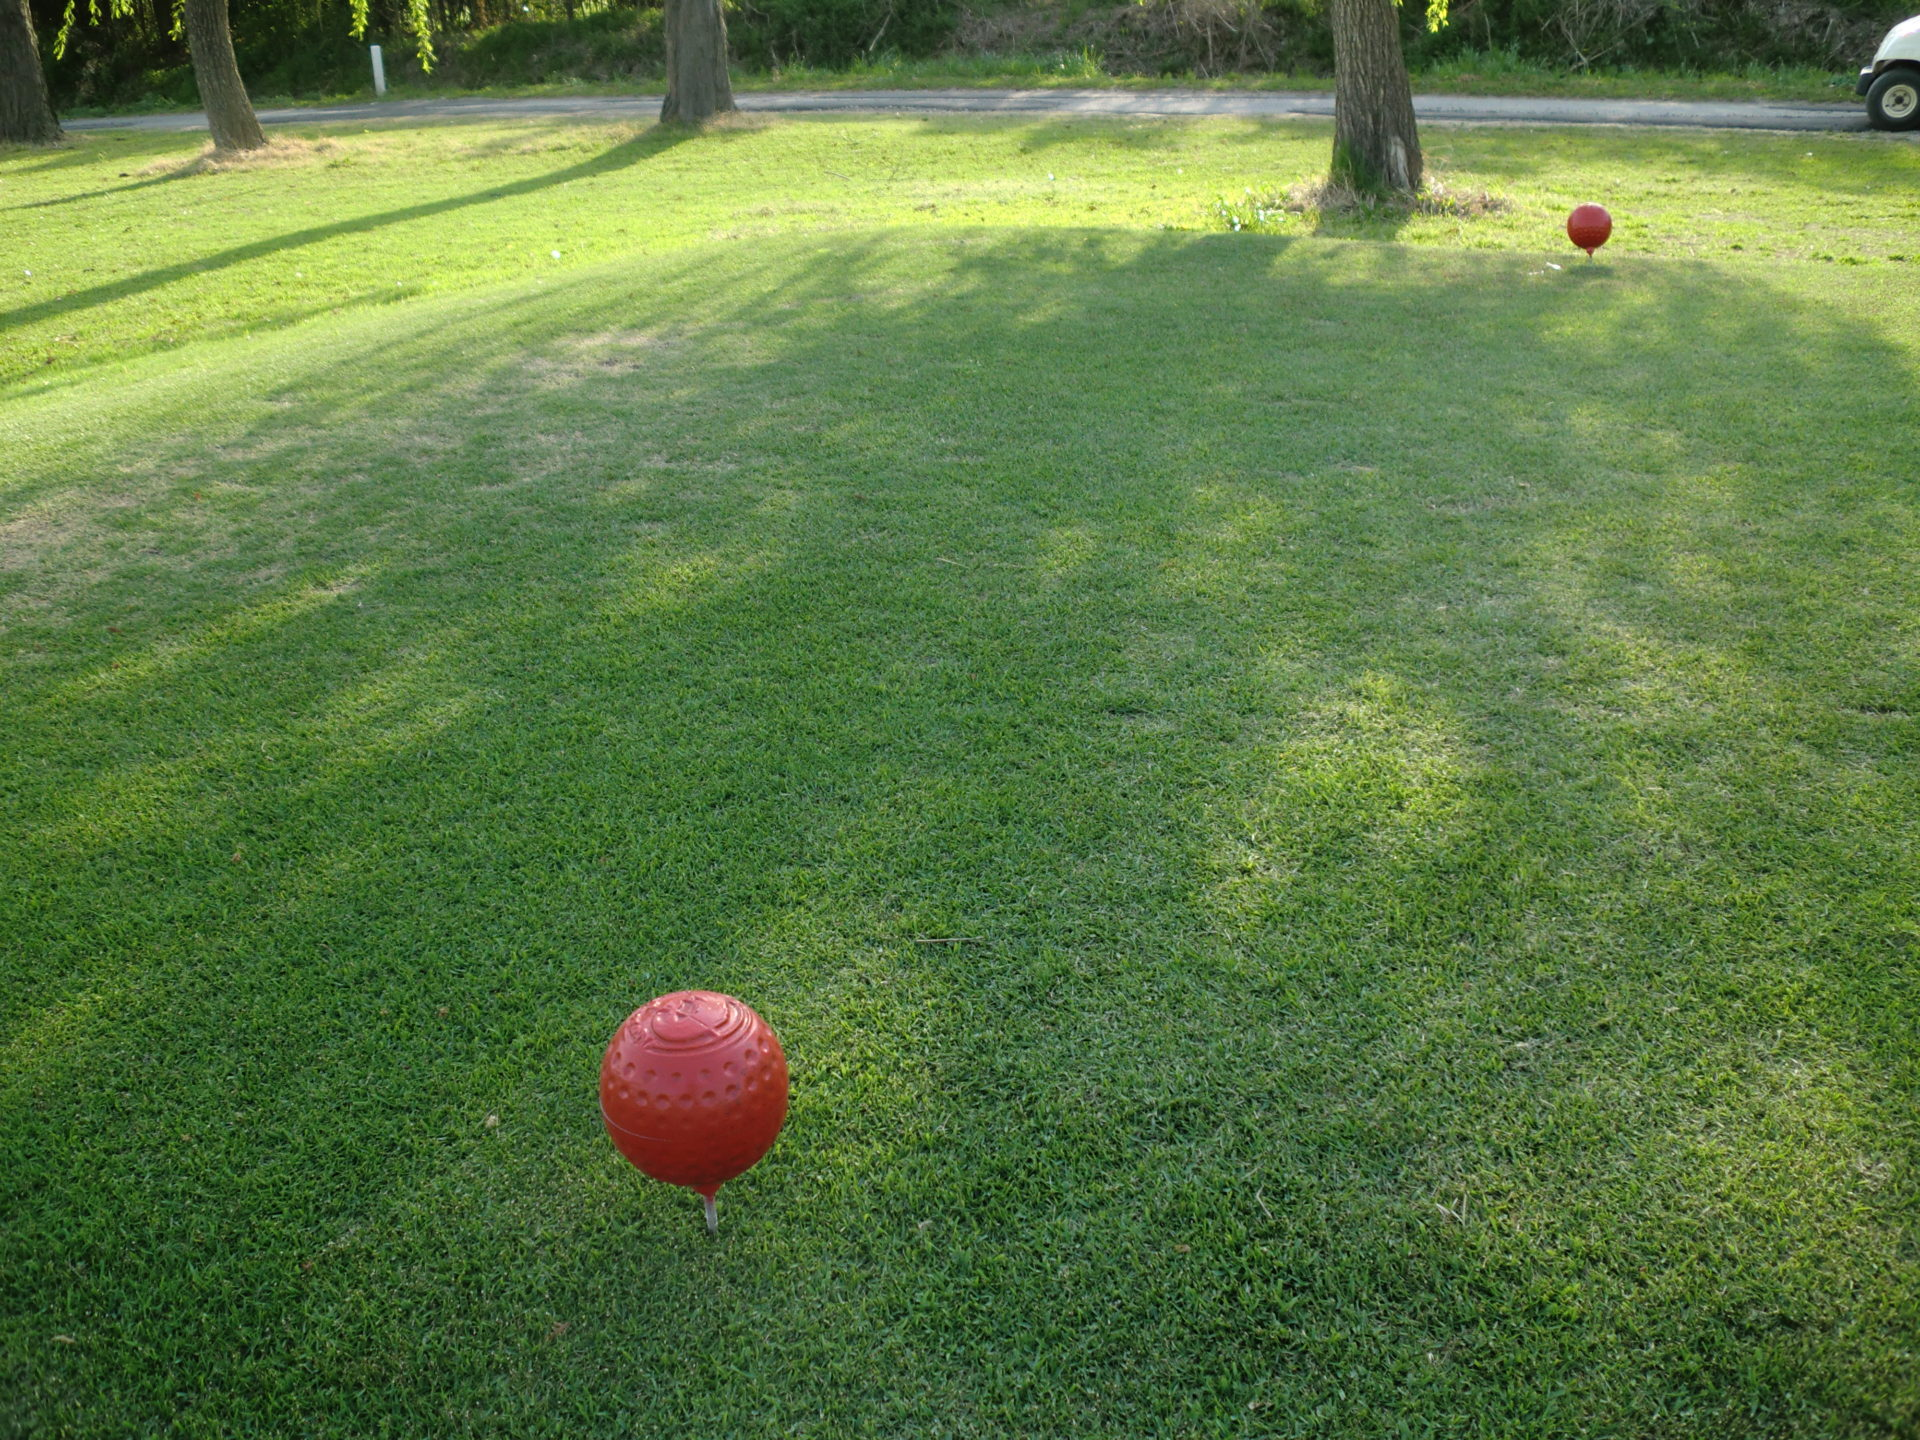 ゴルフ場のレディースティ―